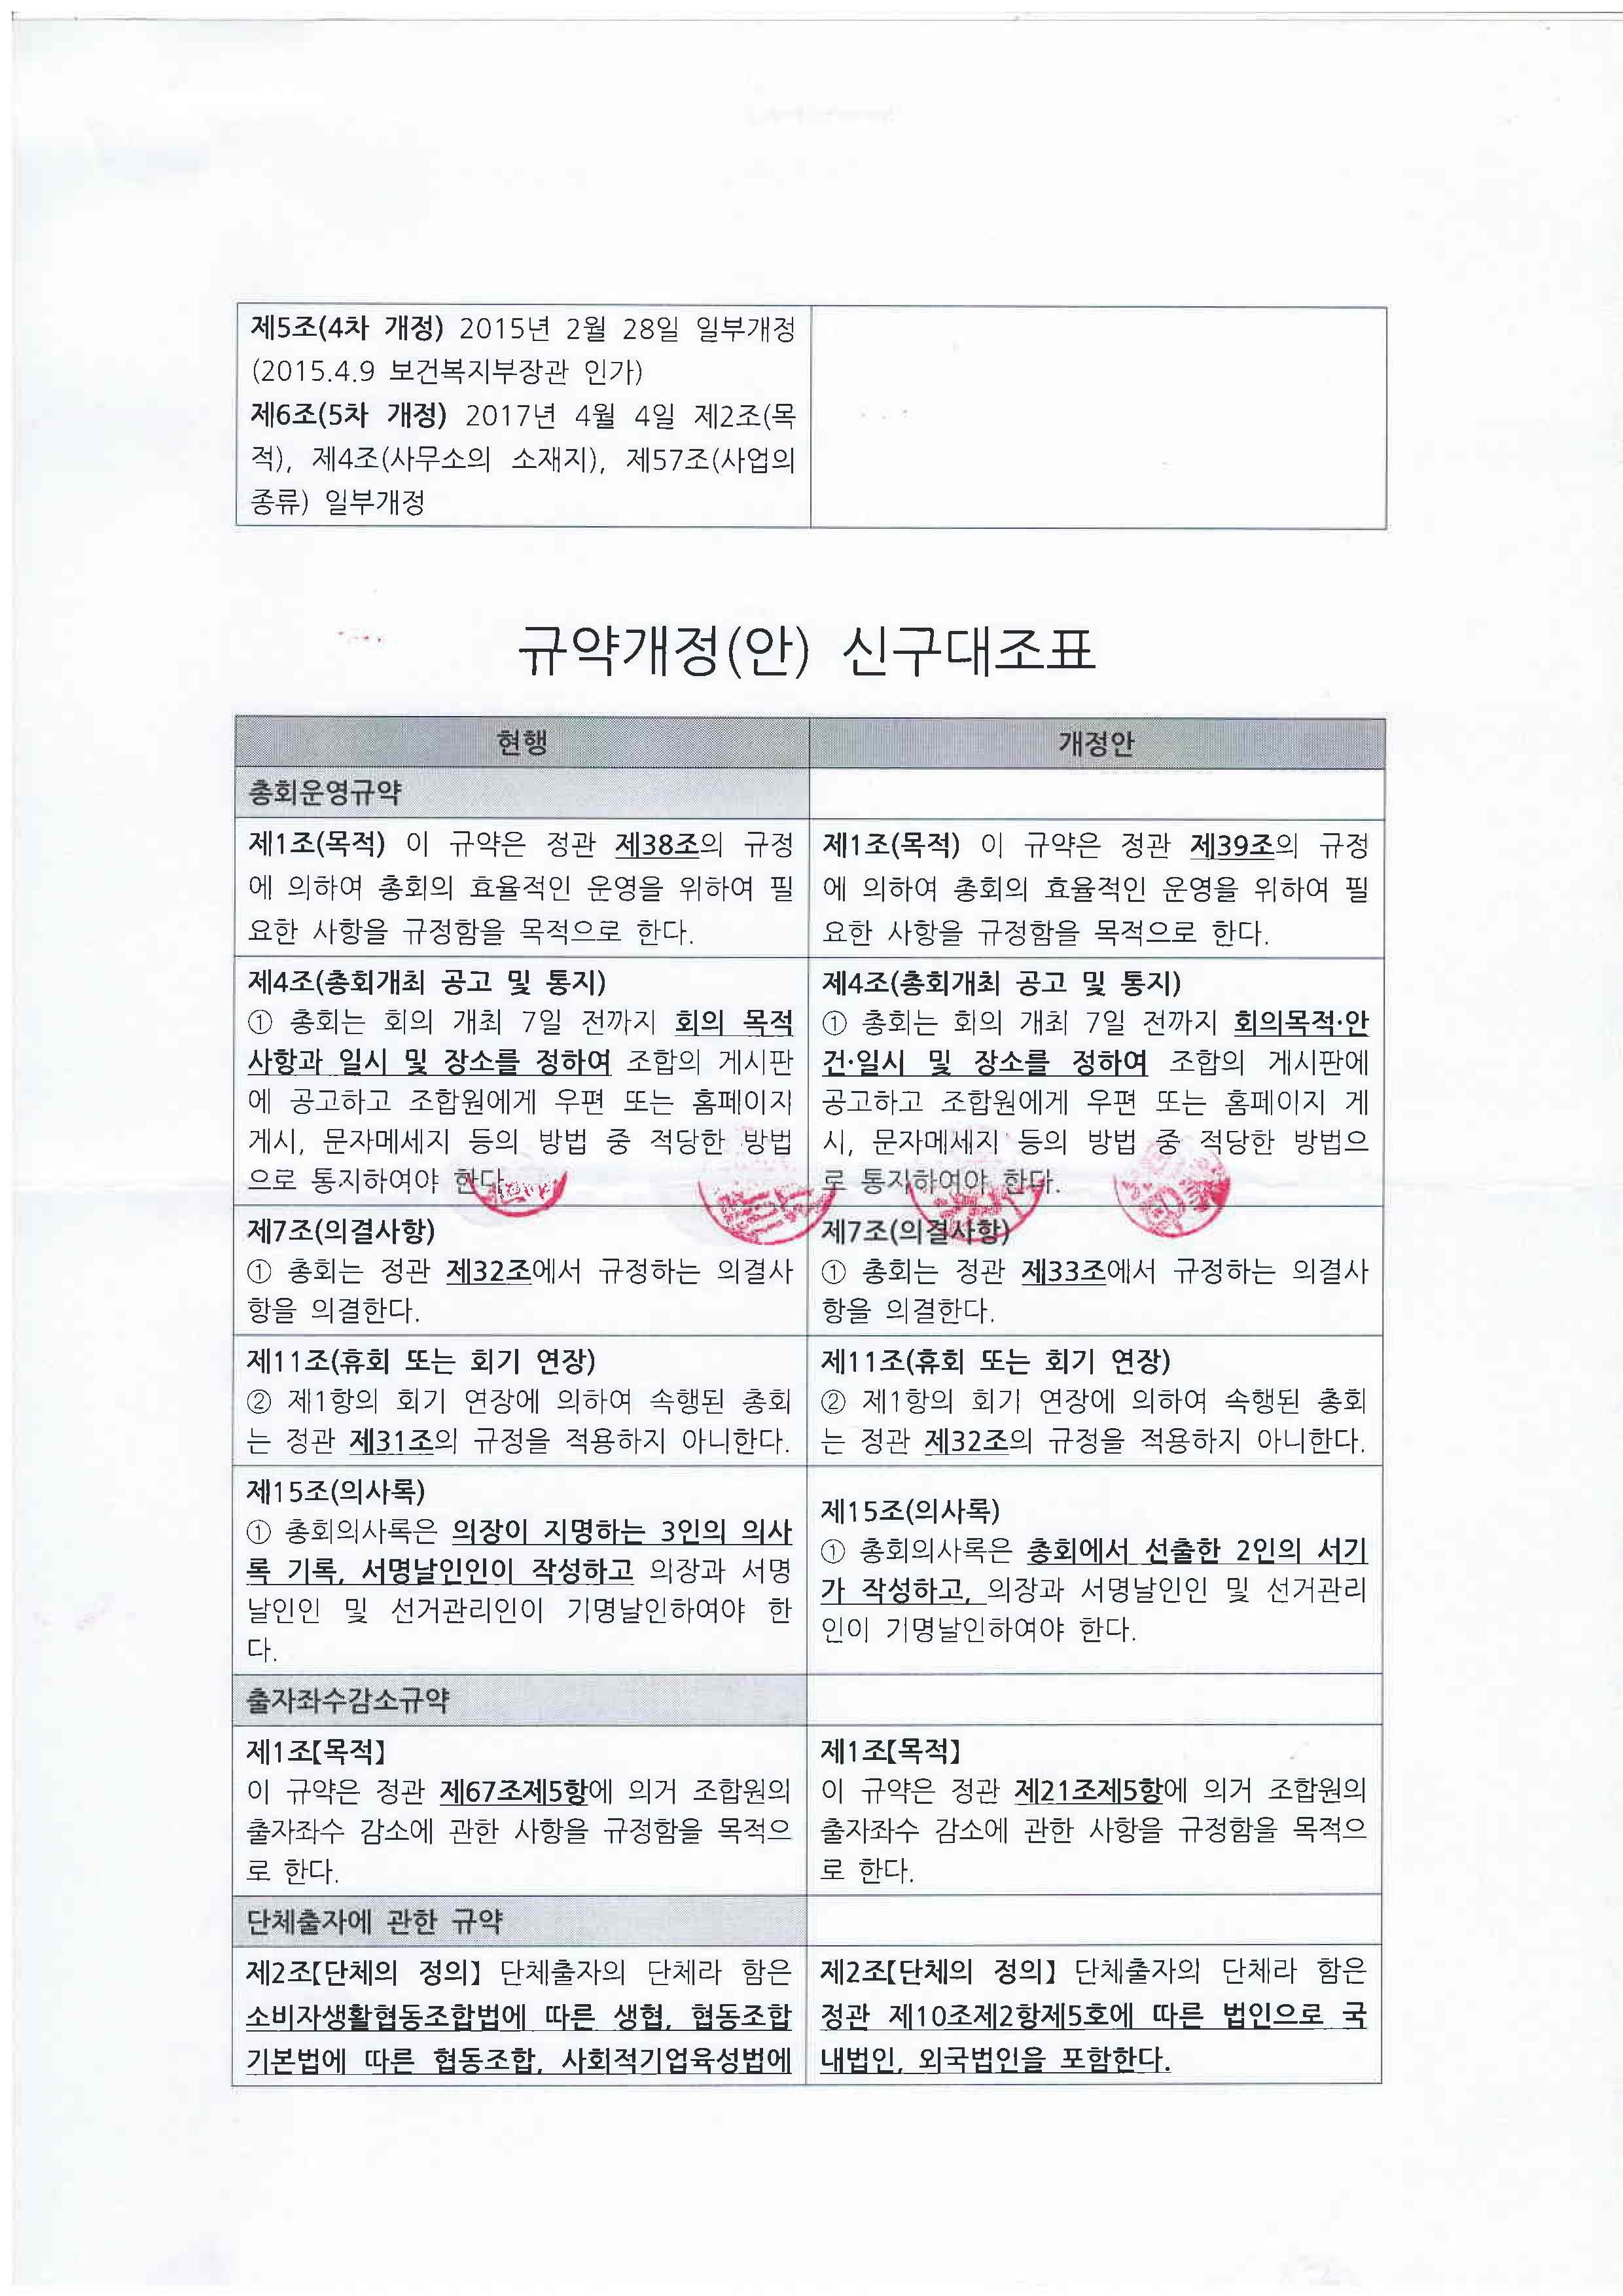 2018년 통합19차 정기총회 의사록(인감)_페이지_13.jpg